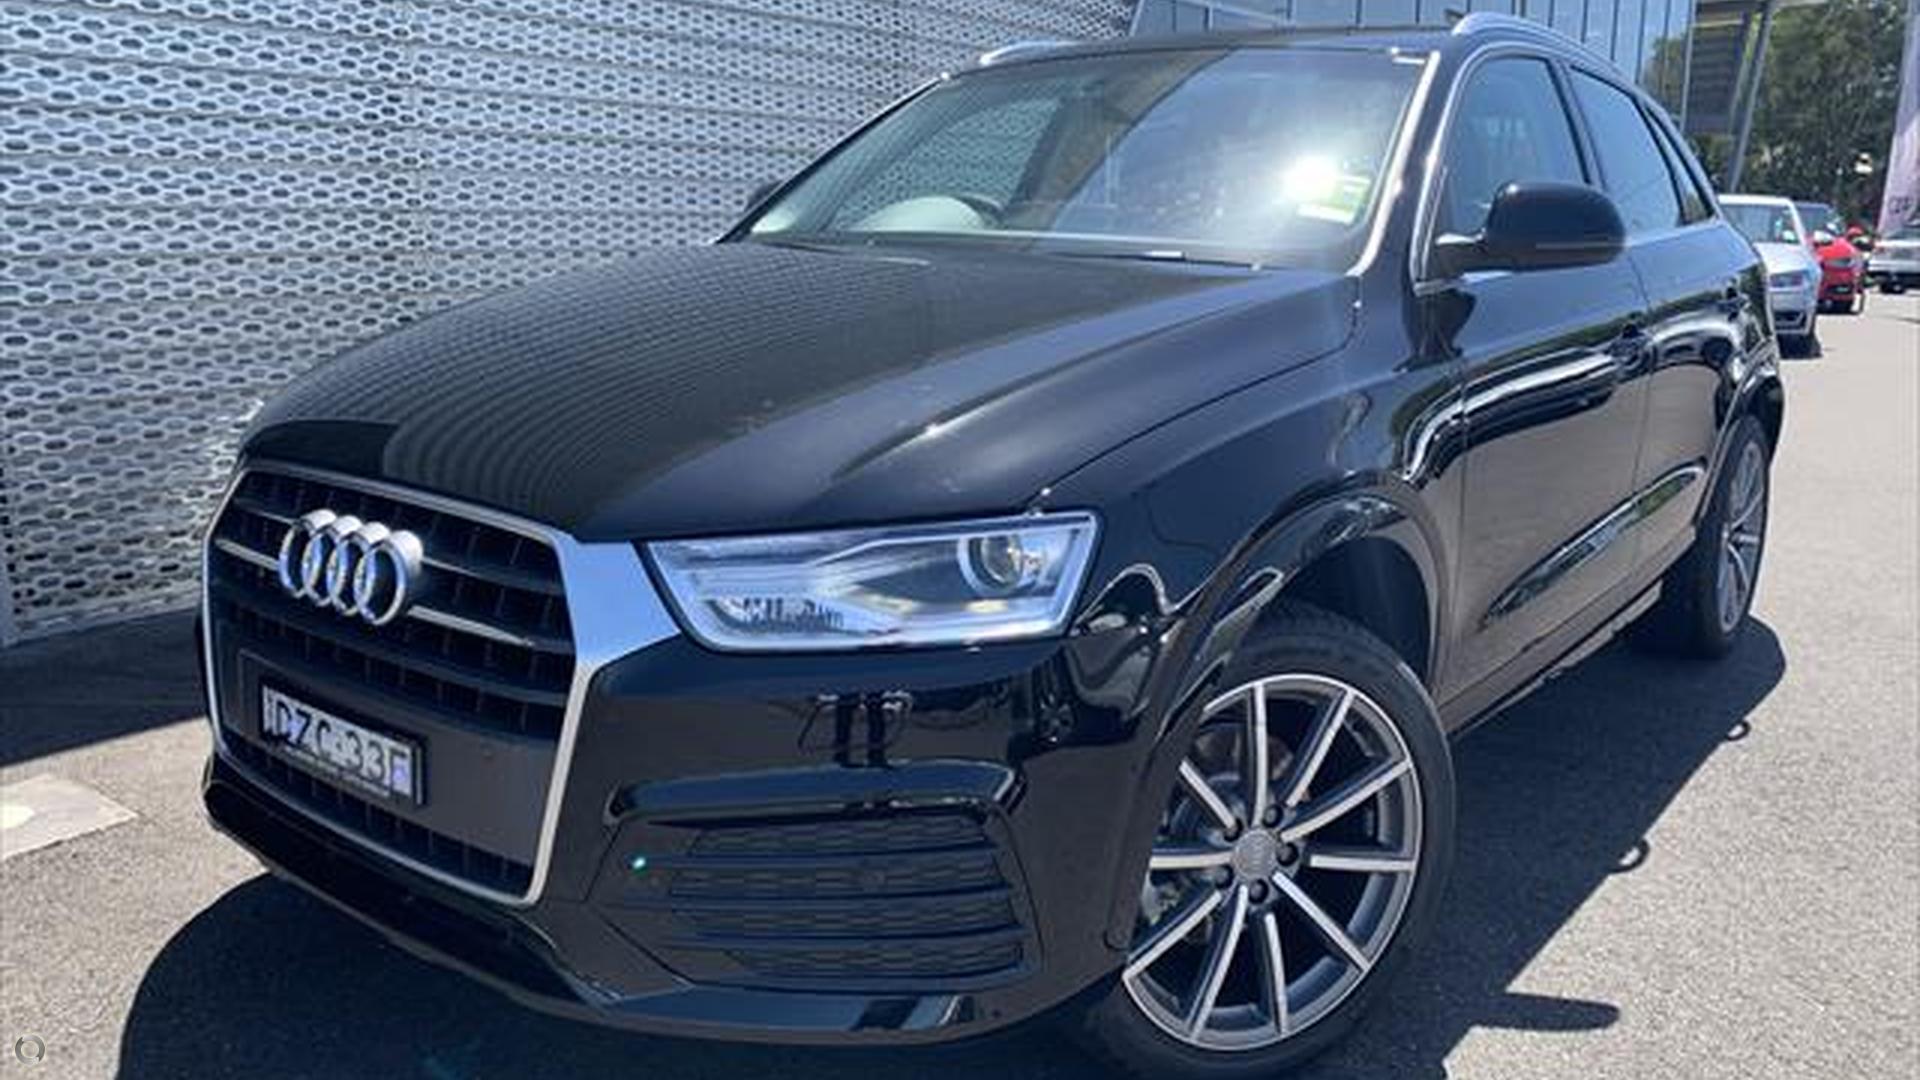 2018 Audi Q3 8U